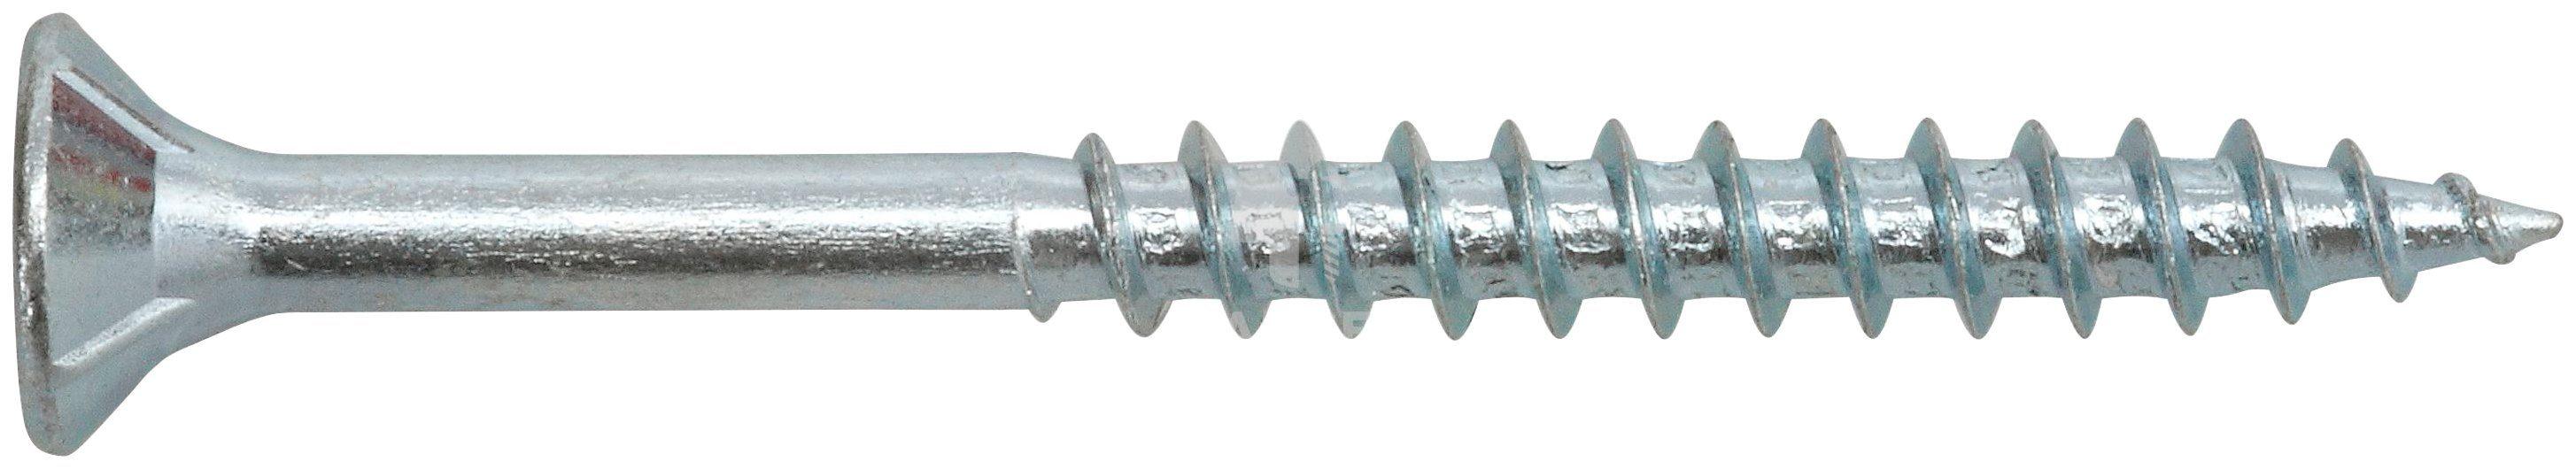 RAMSES Schrauben , Spanplattenschraube 6 x 120 mm 25 Stk.